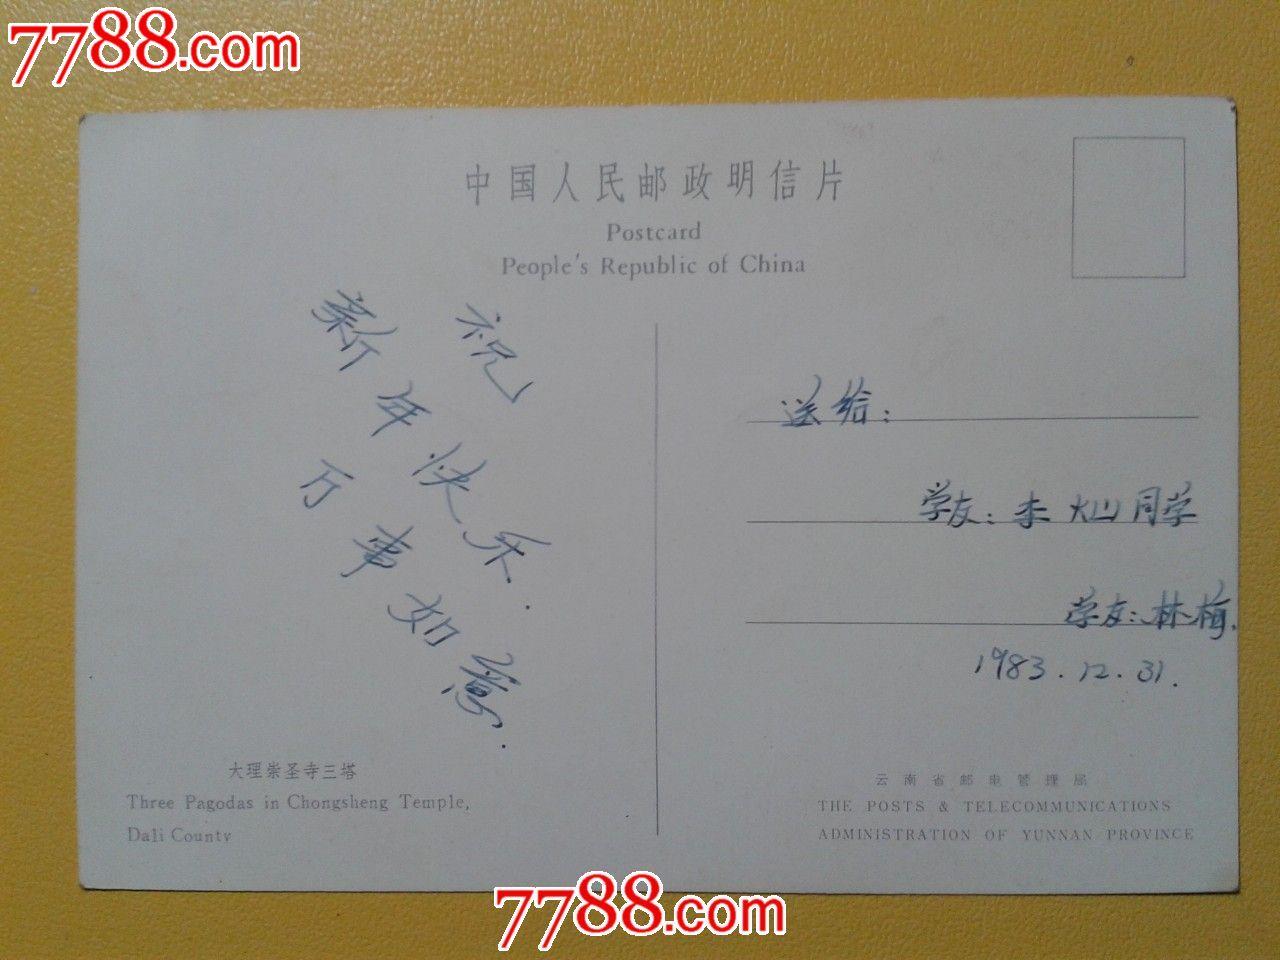 大理崇圣寺三塔_明信片/邮资片